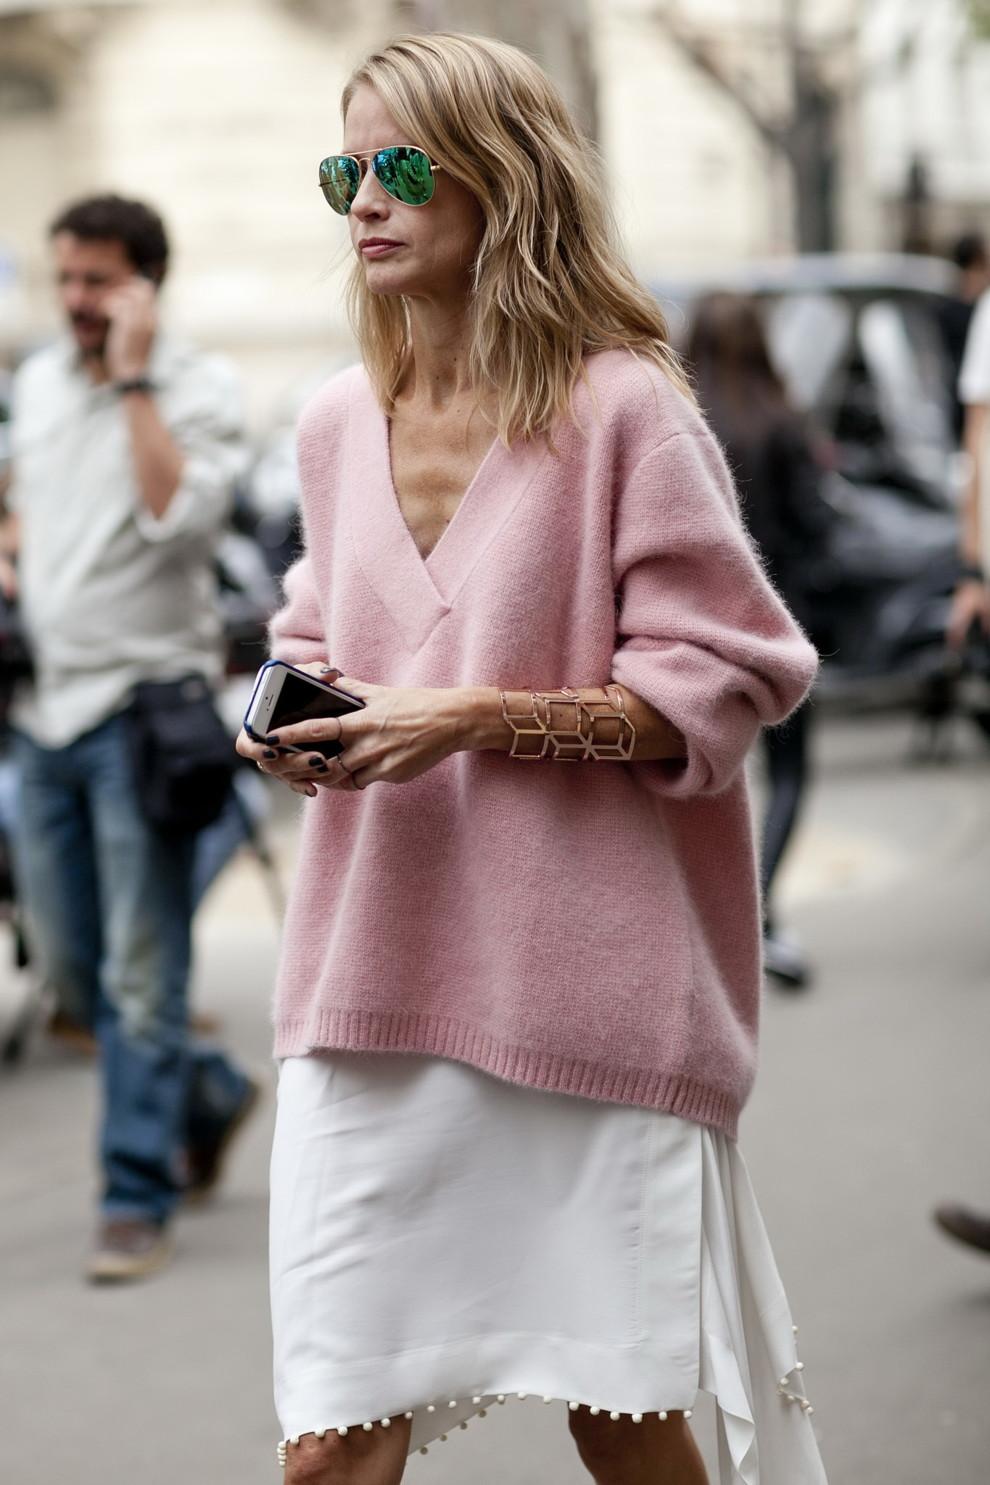 Вещи, которые сделают фигуру стройнее: свитер с V-образным вырезом